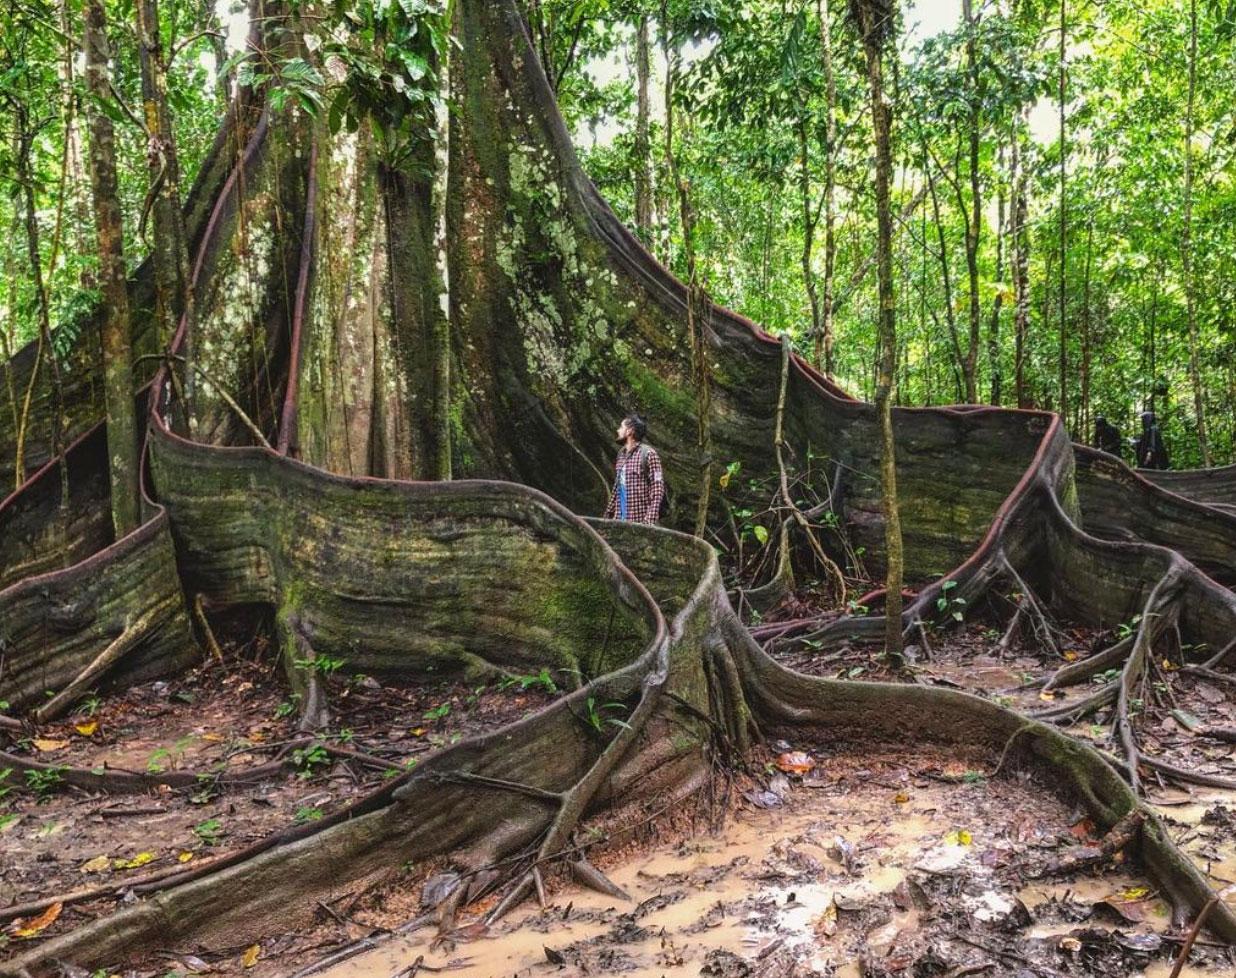 Mężczyzna stojący w korzeniach ogromnego drzewa puchowca